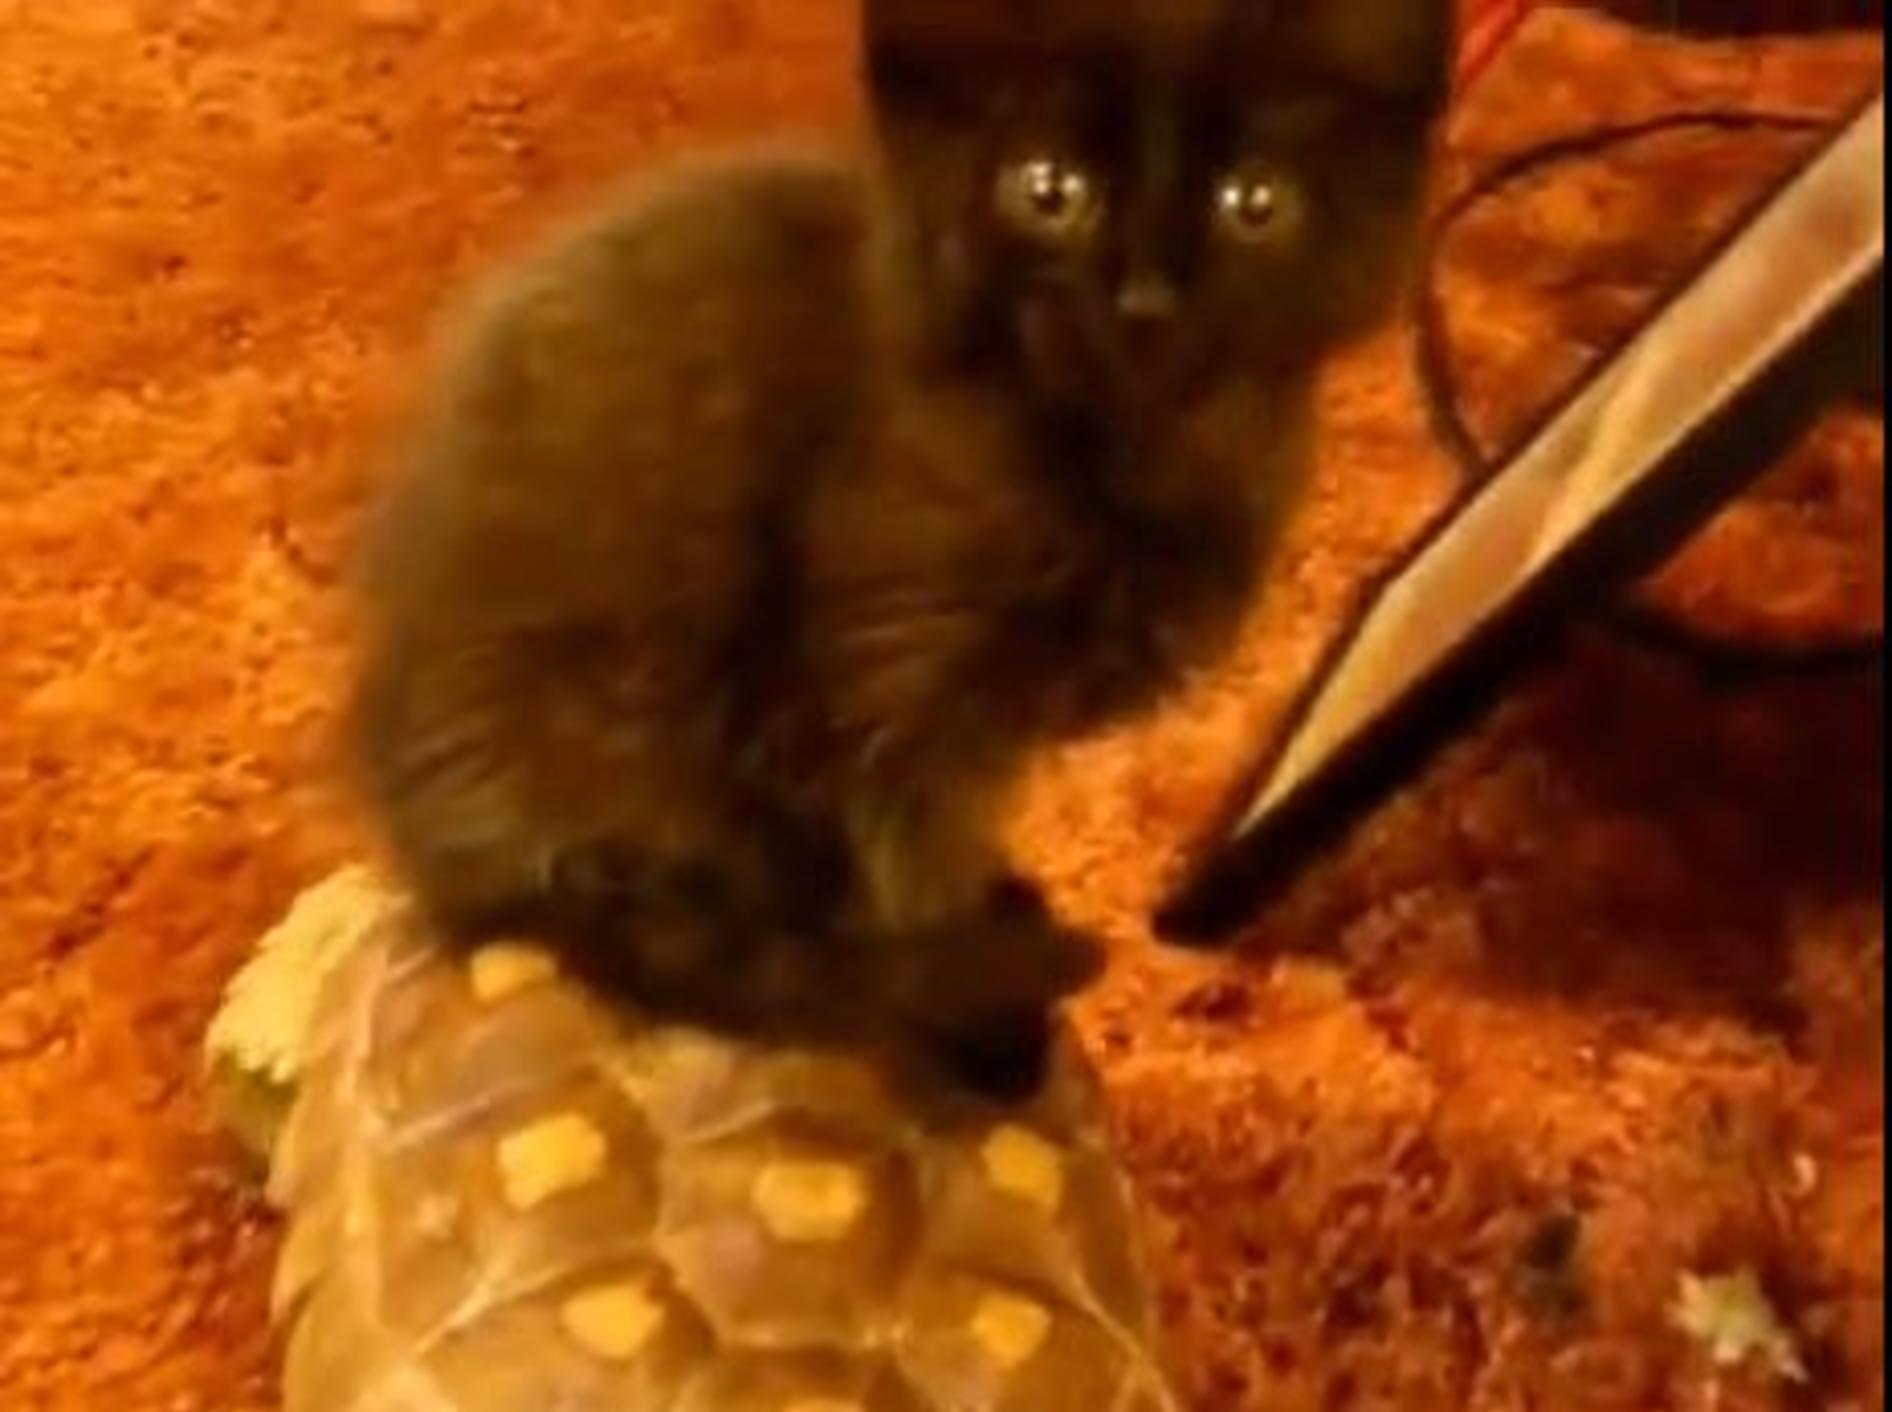 Hopplahopp: Bezaubernde Katze reitet Schildkröte — Bild: Youtube / cerino68